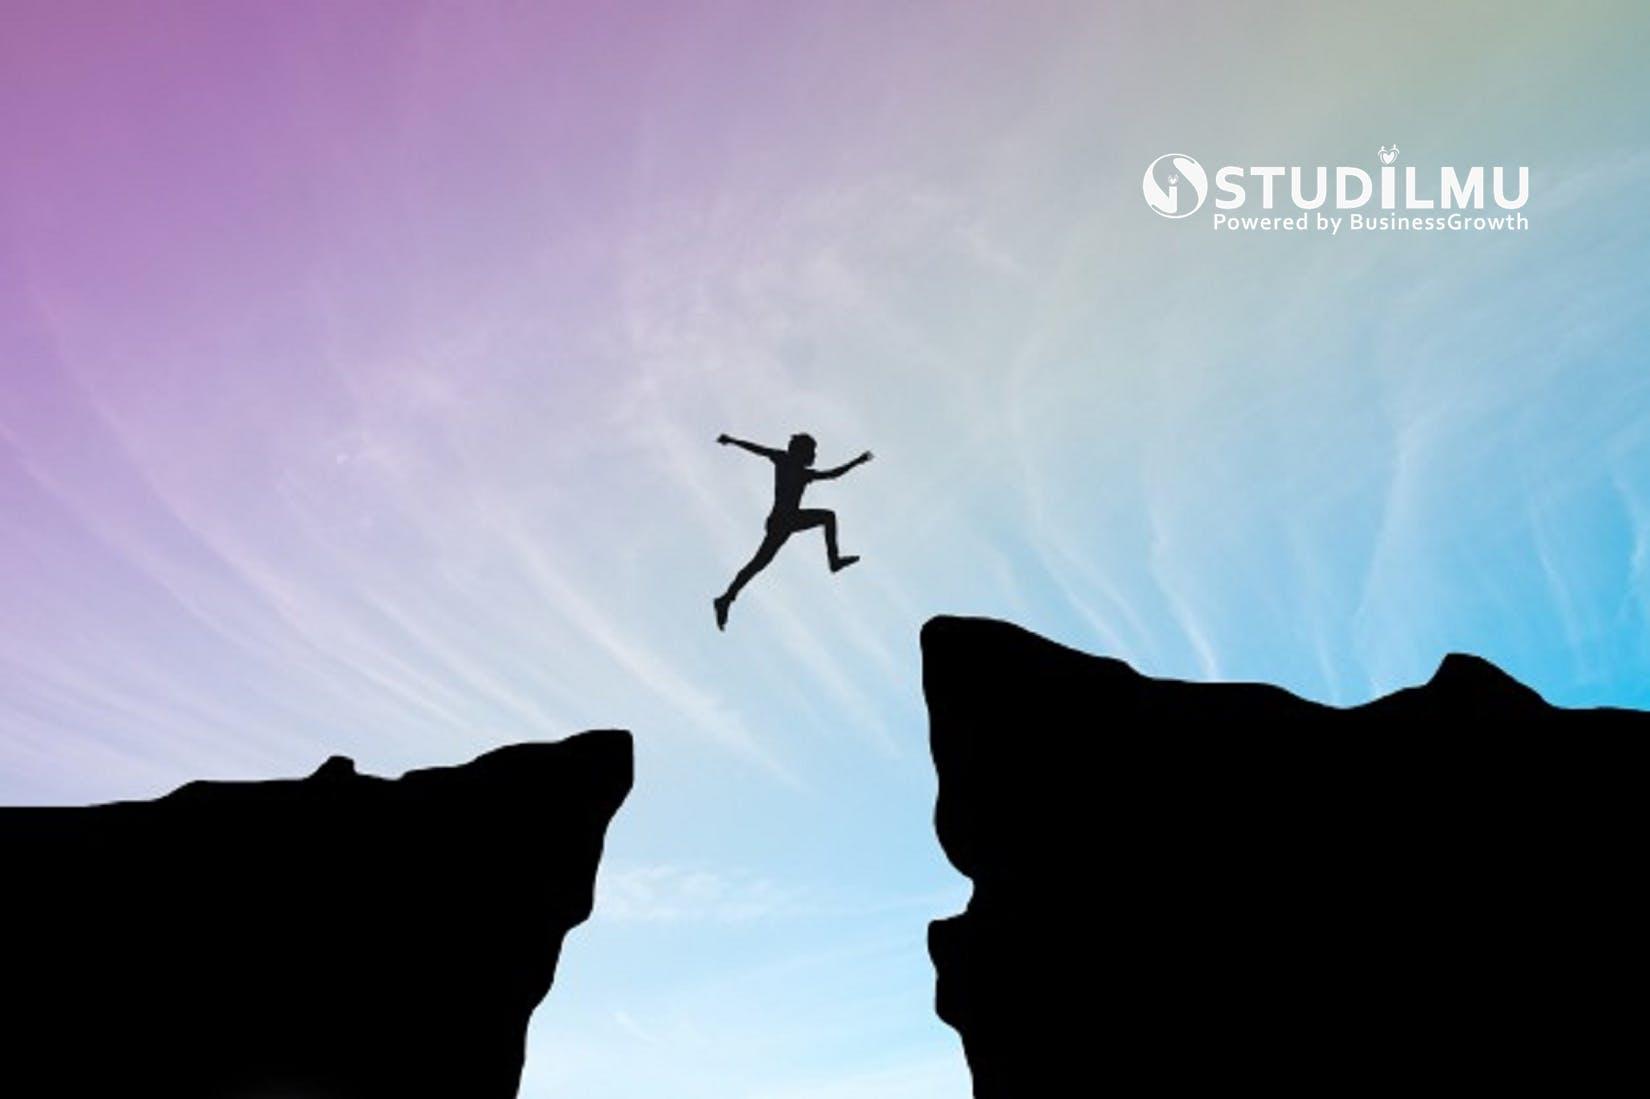 STUDILMU Career Advice - Keteguhan Hati